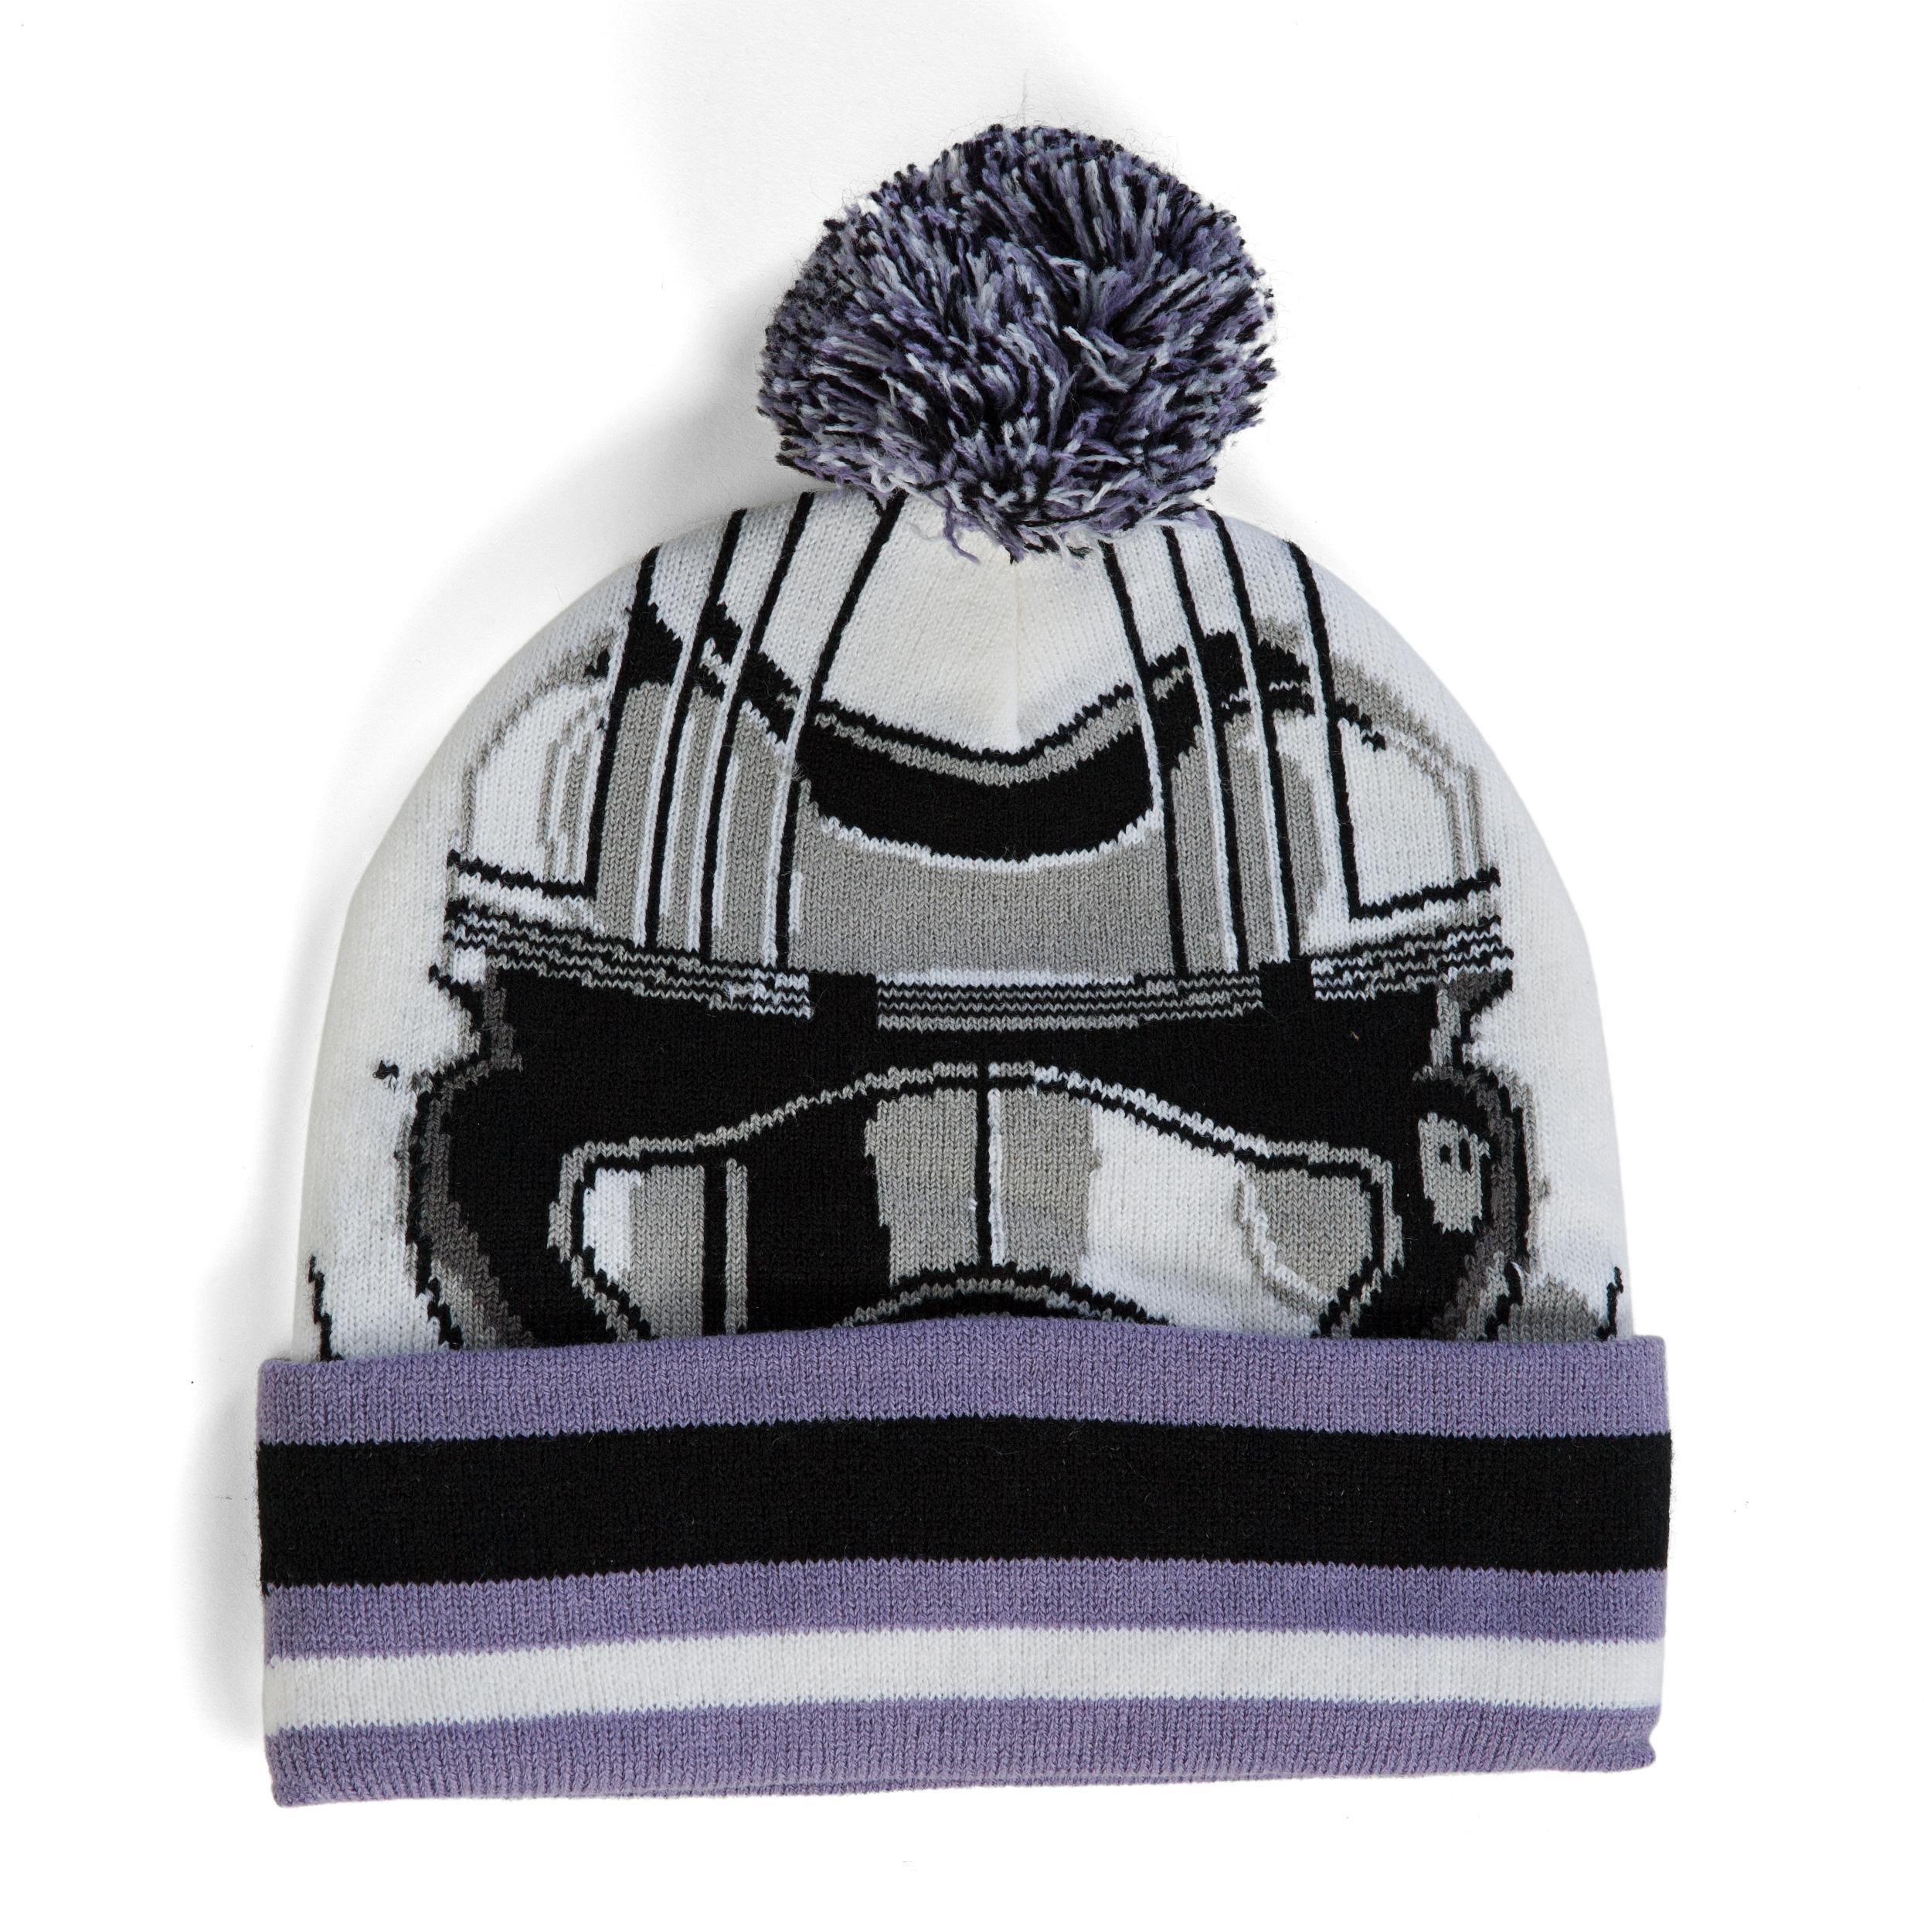 6d400afc196 Star Wars Stormtrooper Pom Cuff Beanie Hat 888783508568